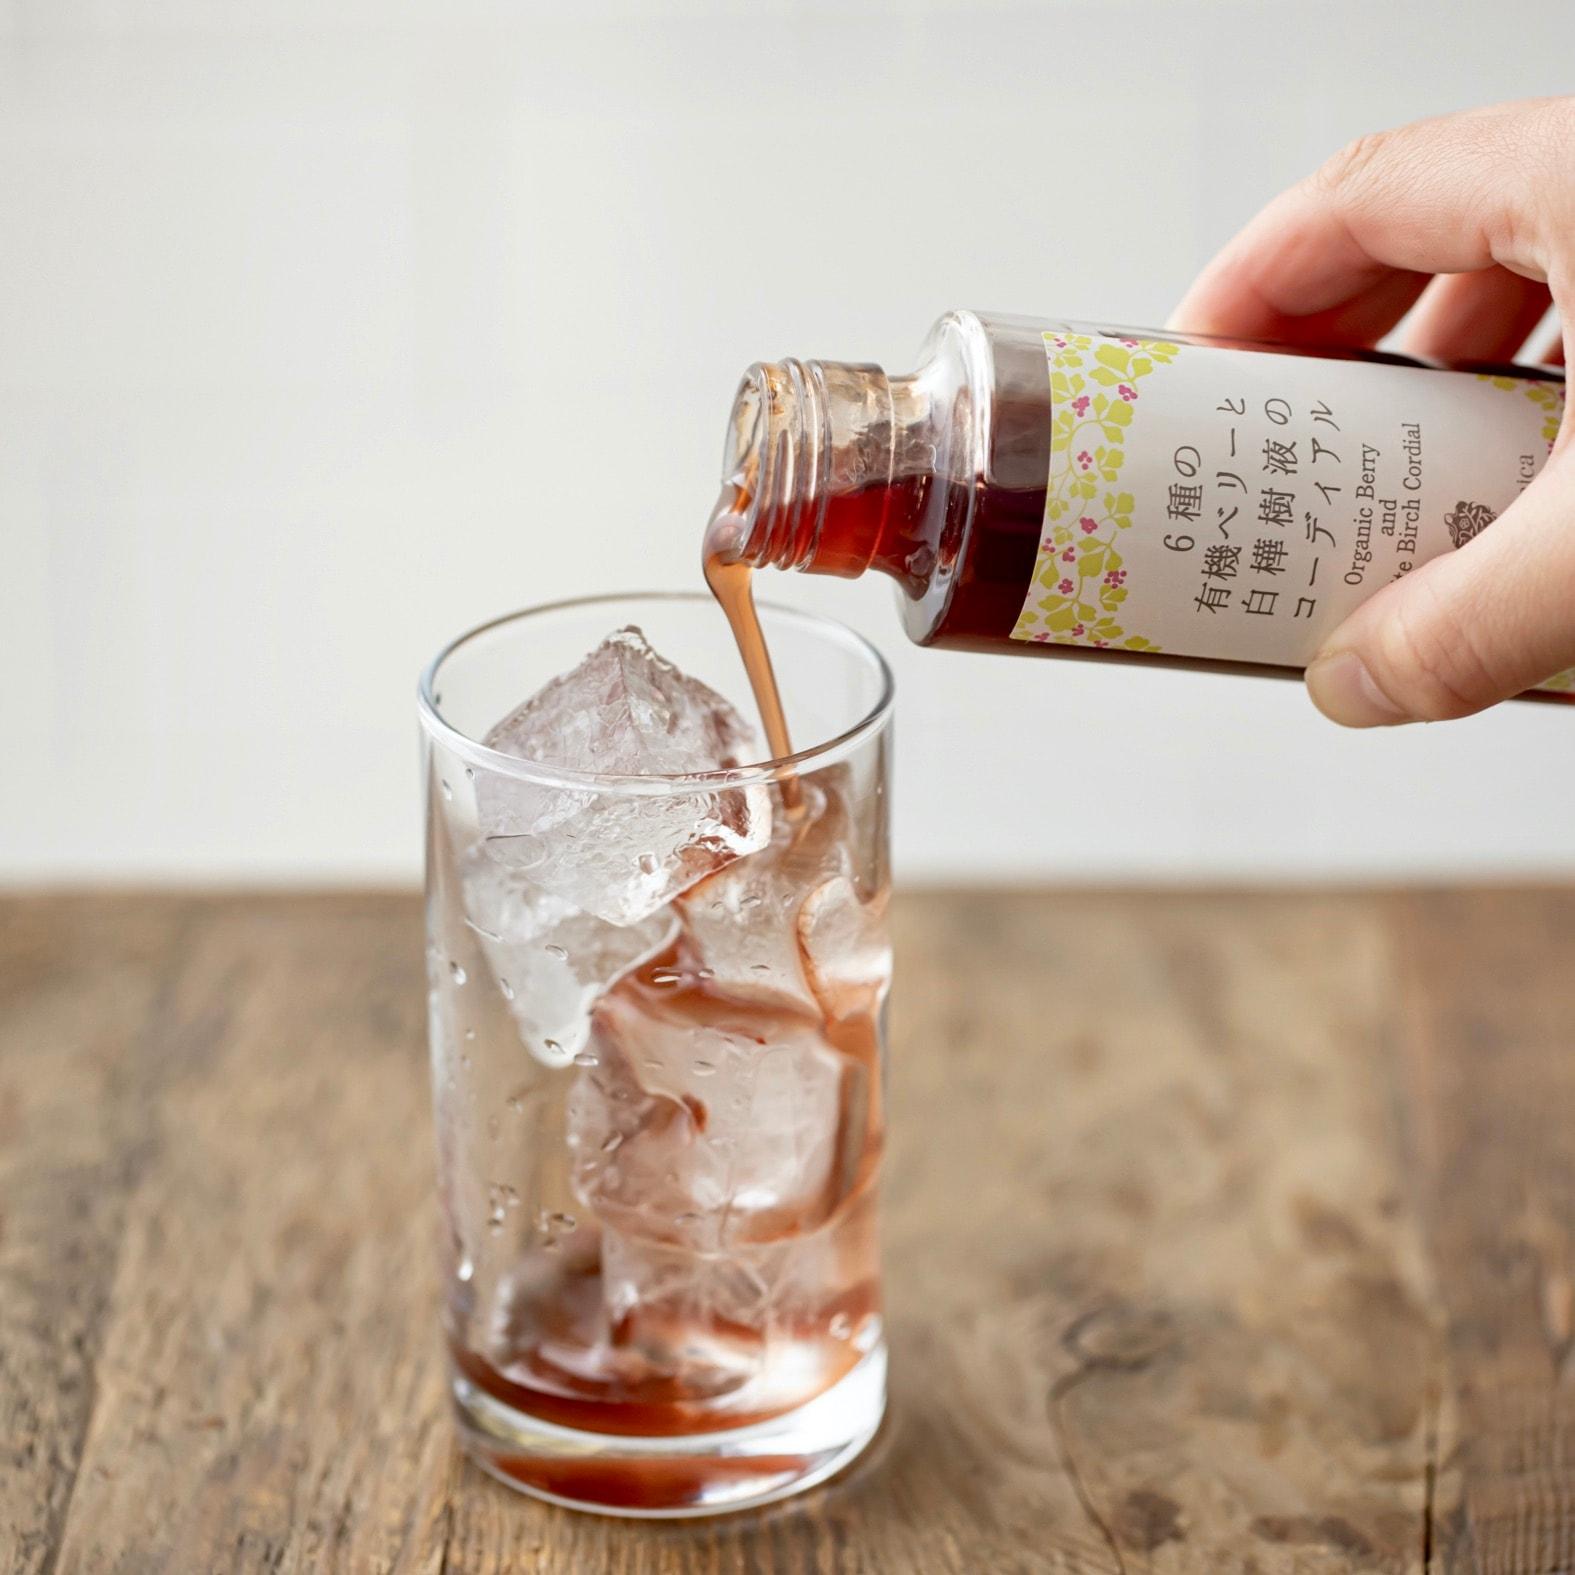 The St Monica(セントモニカ)の6種の有機ベリーと白樺樹液のコーディアル300mlを氷の入ったグラスに注ぐ